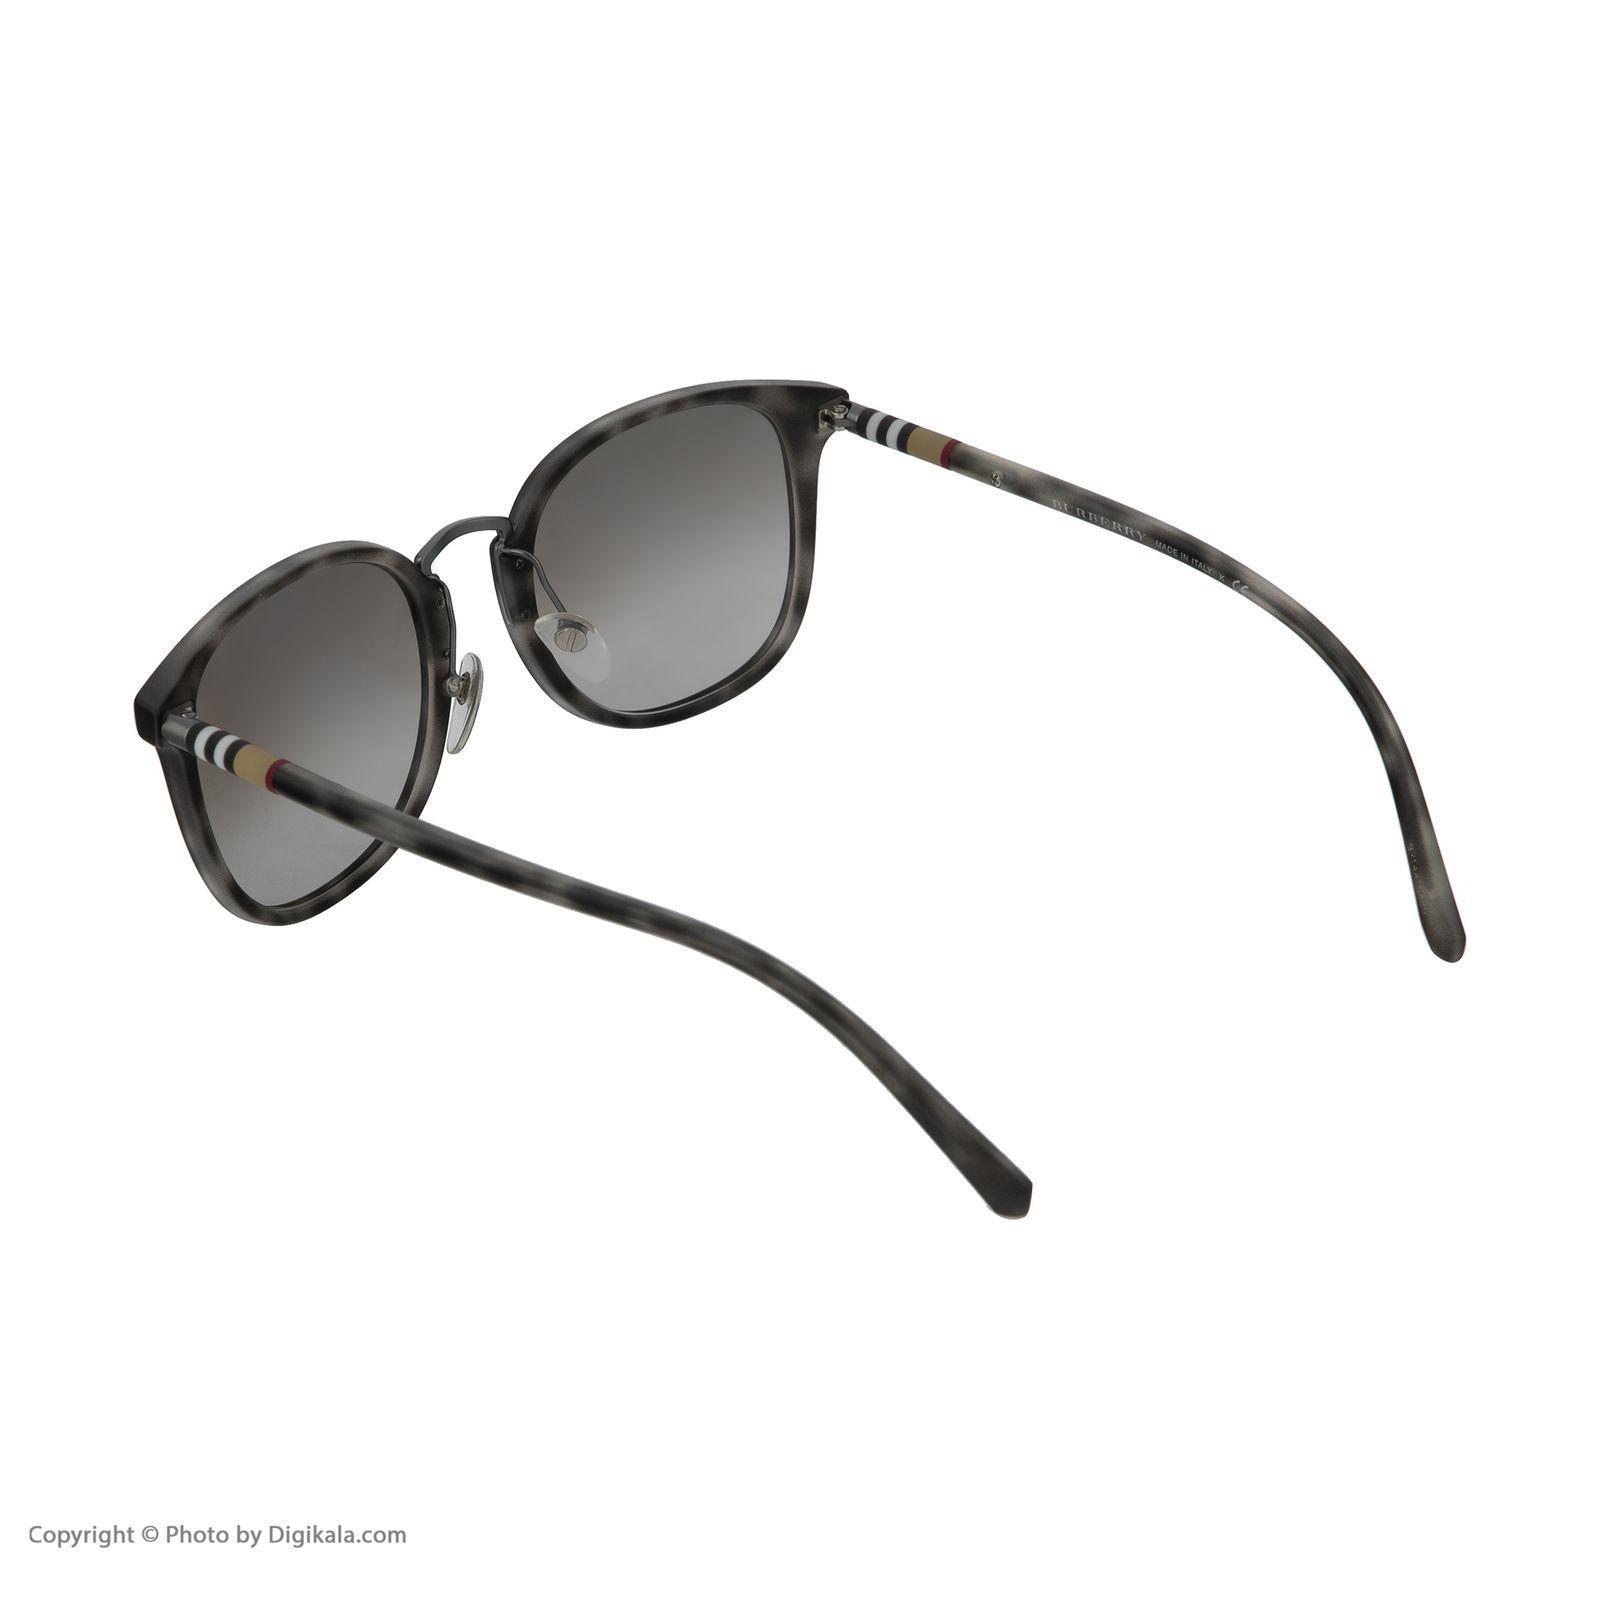 عینک آفتابی زنانه بربری مدل BE 4266S 3534Q0 53 -  - 5